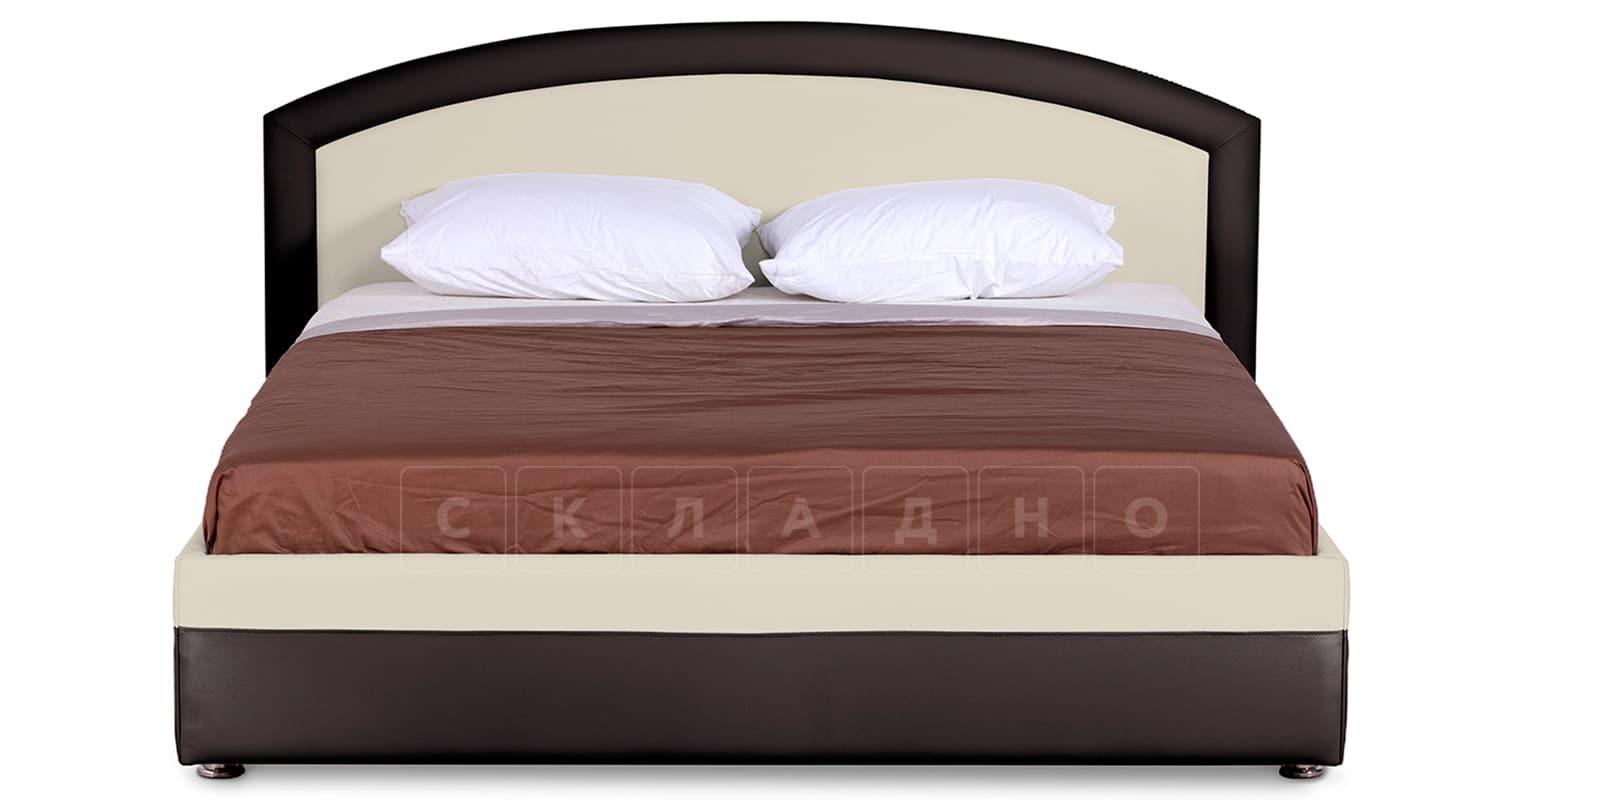 Мягкая кровать Малибу 160см экокожа бежевый-шоколад вариант 8-2 фото 3 | интернет-магазин Складно